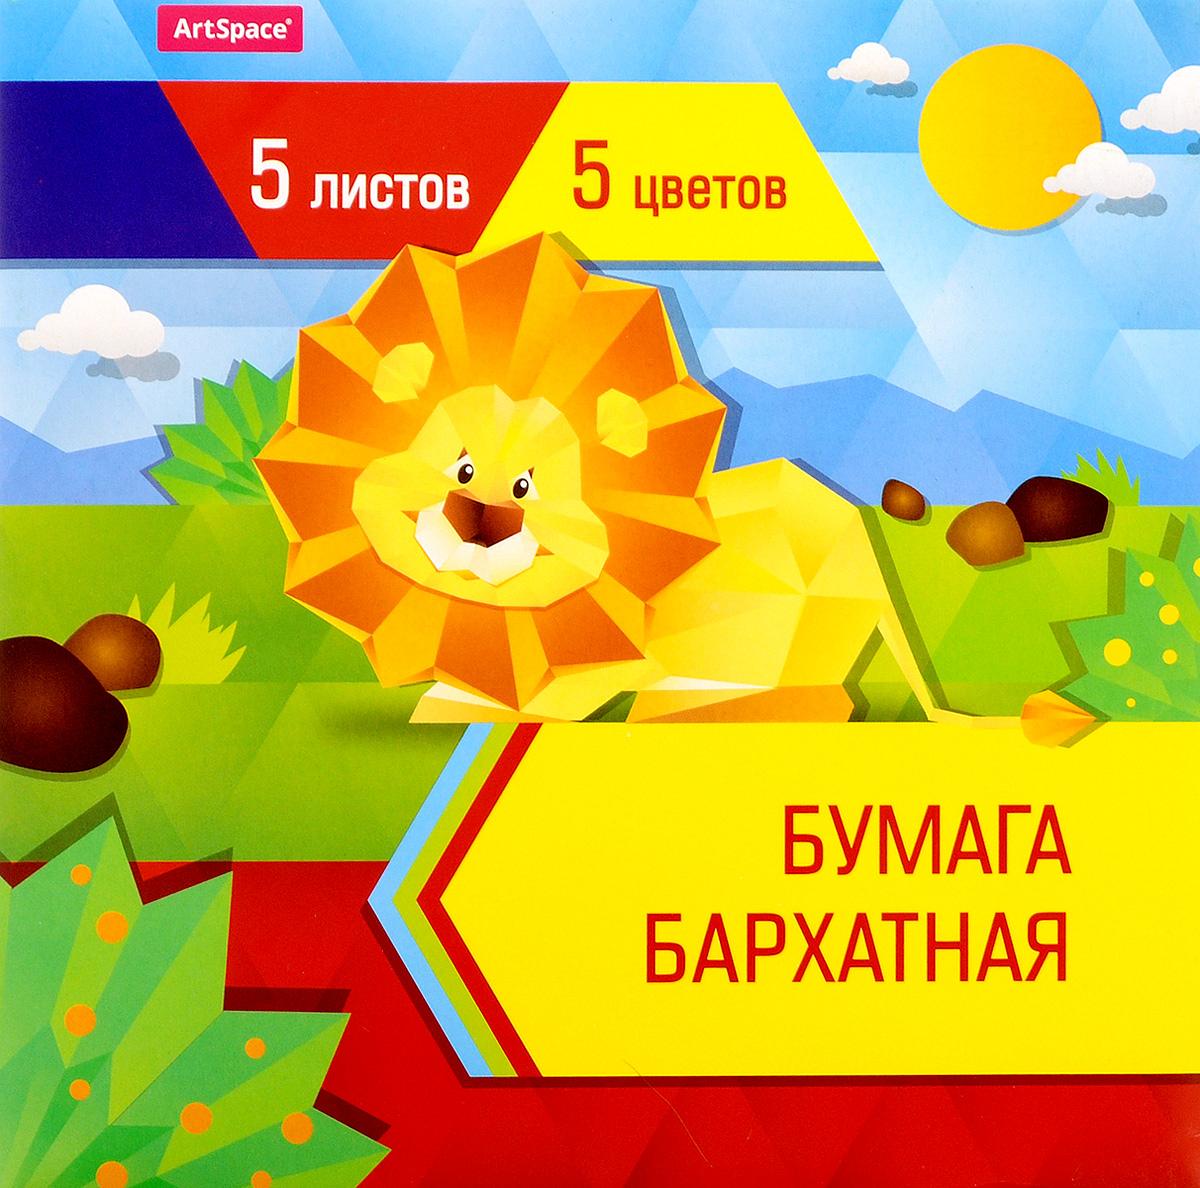 Бархатная цветная бумага ArtSpace идеально подходит для детского творчества: создания аппликаций, оригами и многого другого.В упаковке 5 листов бархатной бумаги 5 цветов. Бумага упакована в картонную папку.Детские аппликации из цветной бумаги - отличное занятие для развития творческих способностей и познавательной деятельности малыша, а также хороший способ самовыражения ребенка.